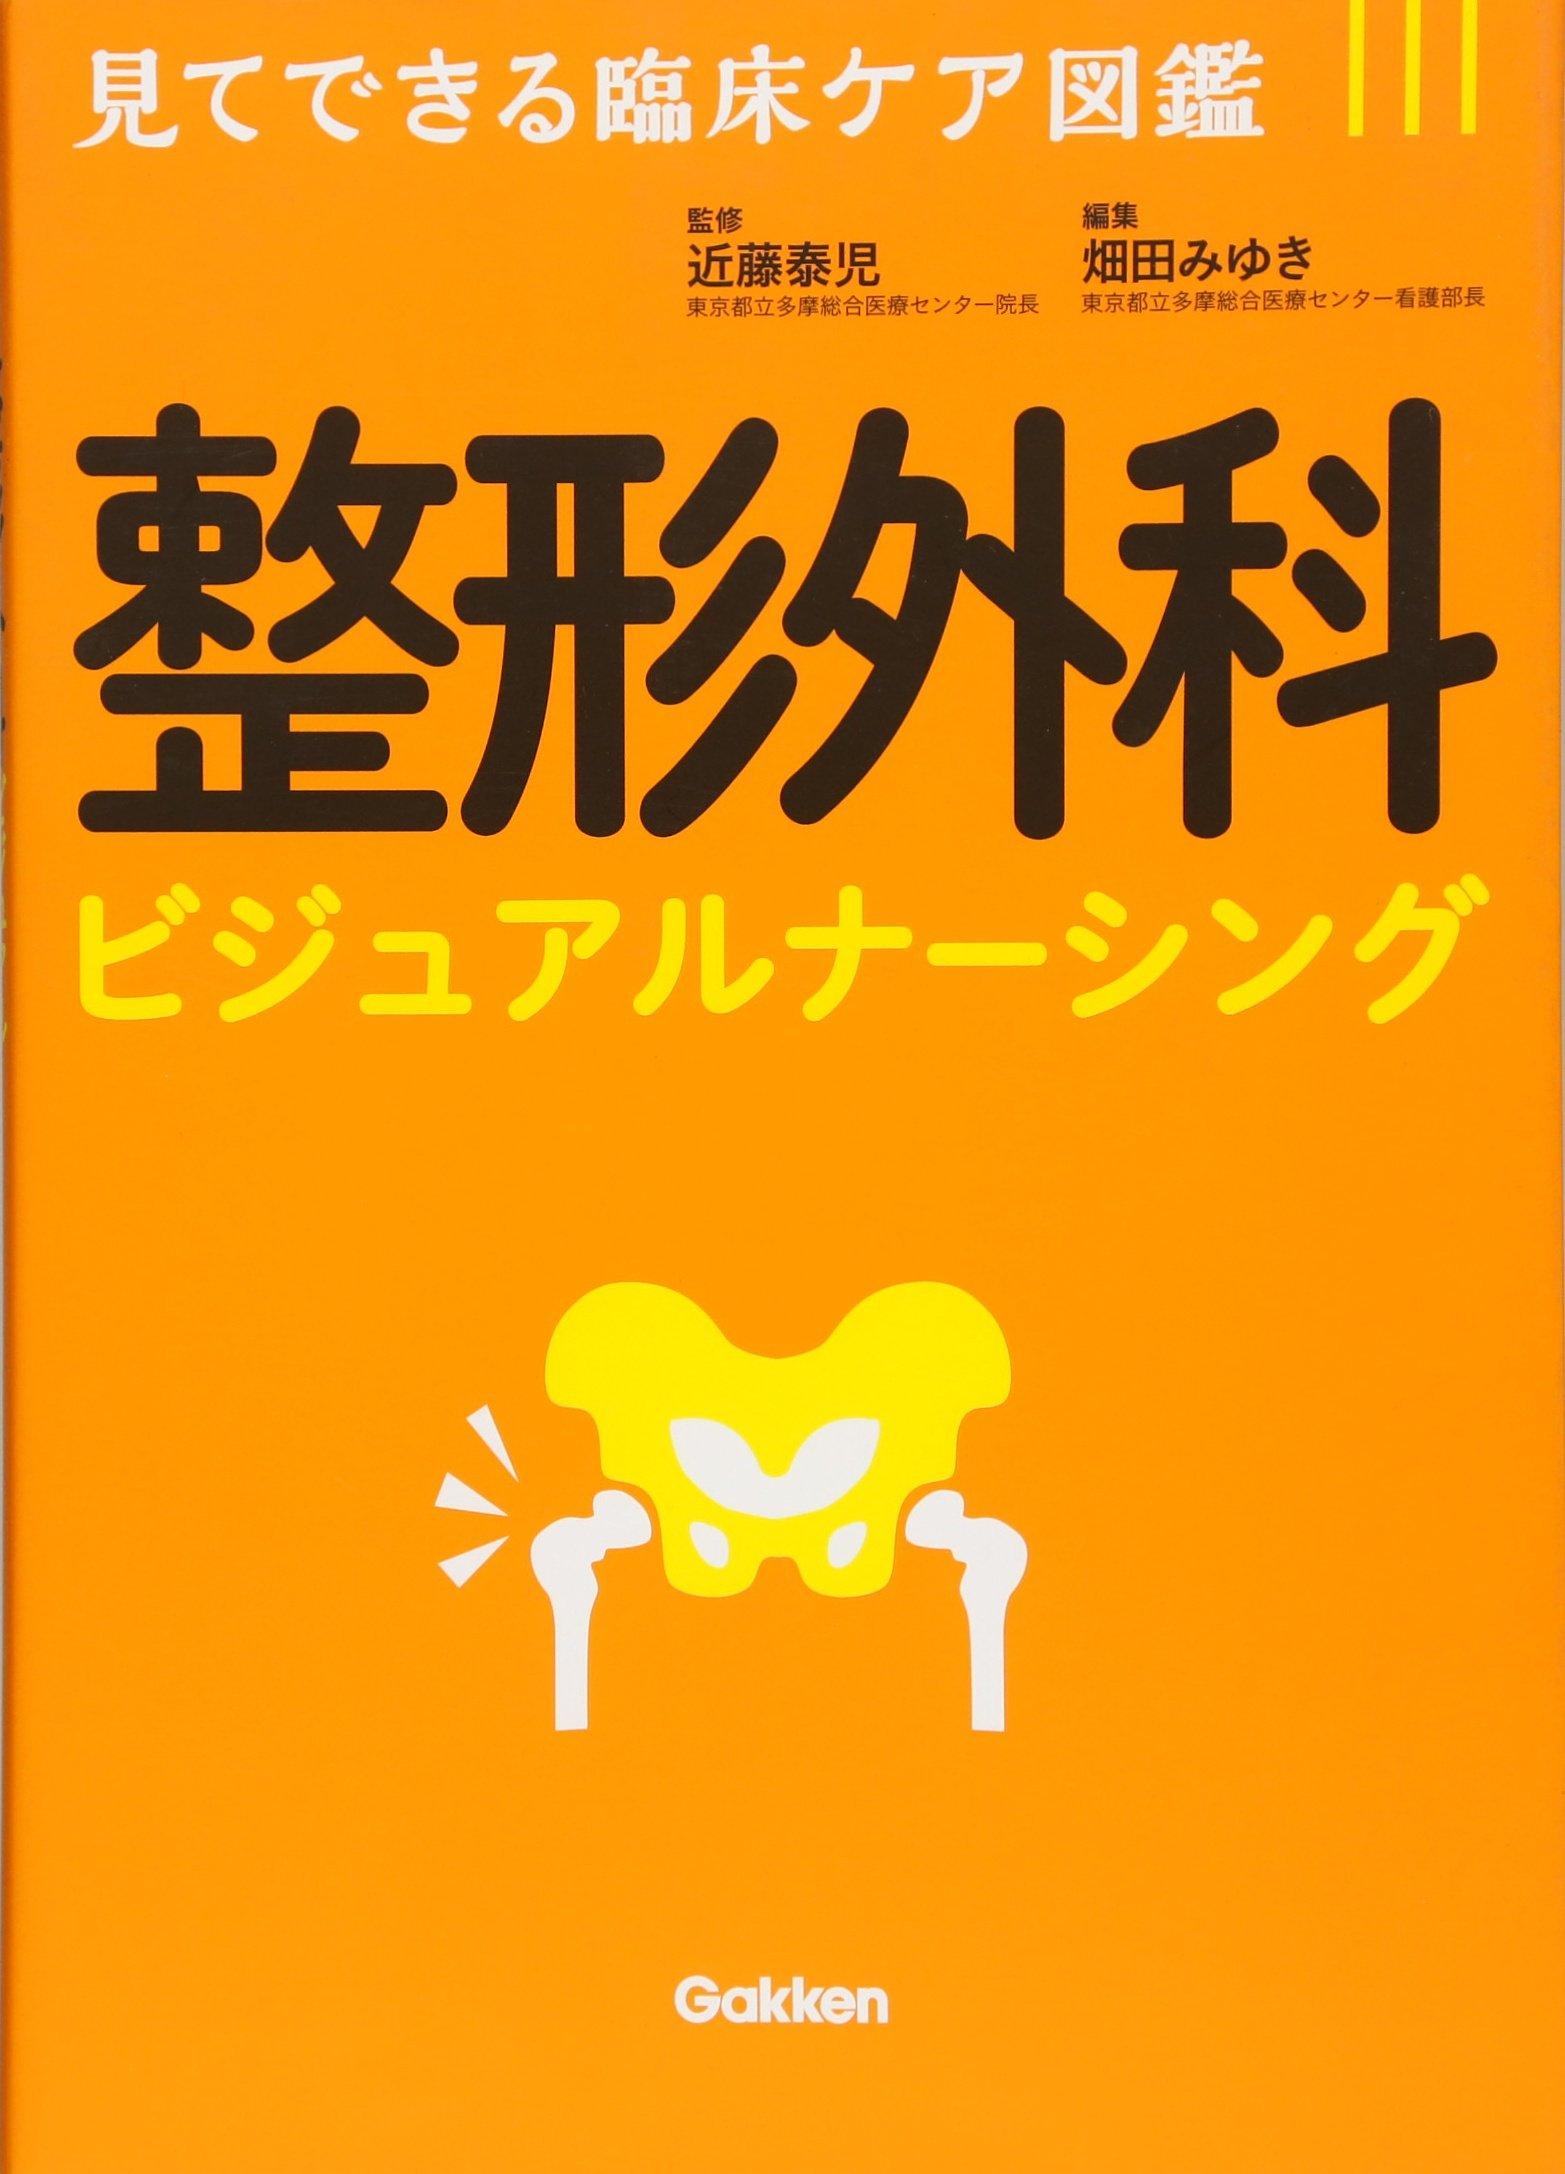 学研 ナーシング ログイン 学研ナーシングサポート・学研メディカルサポート